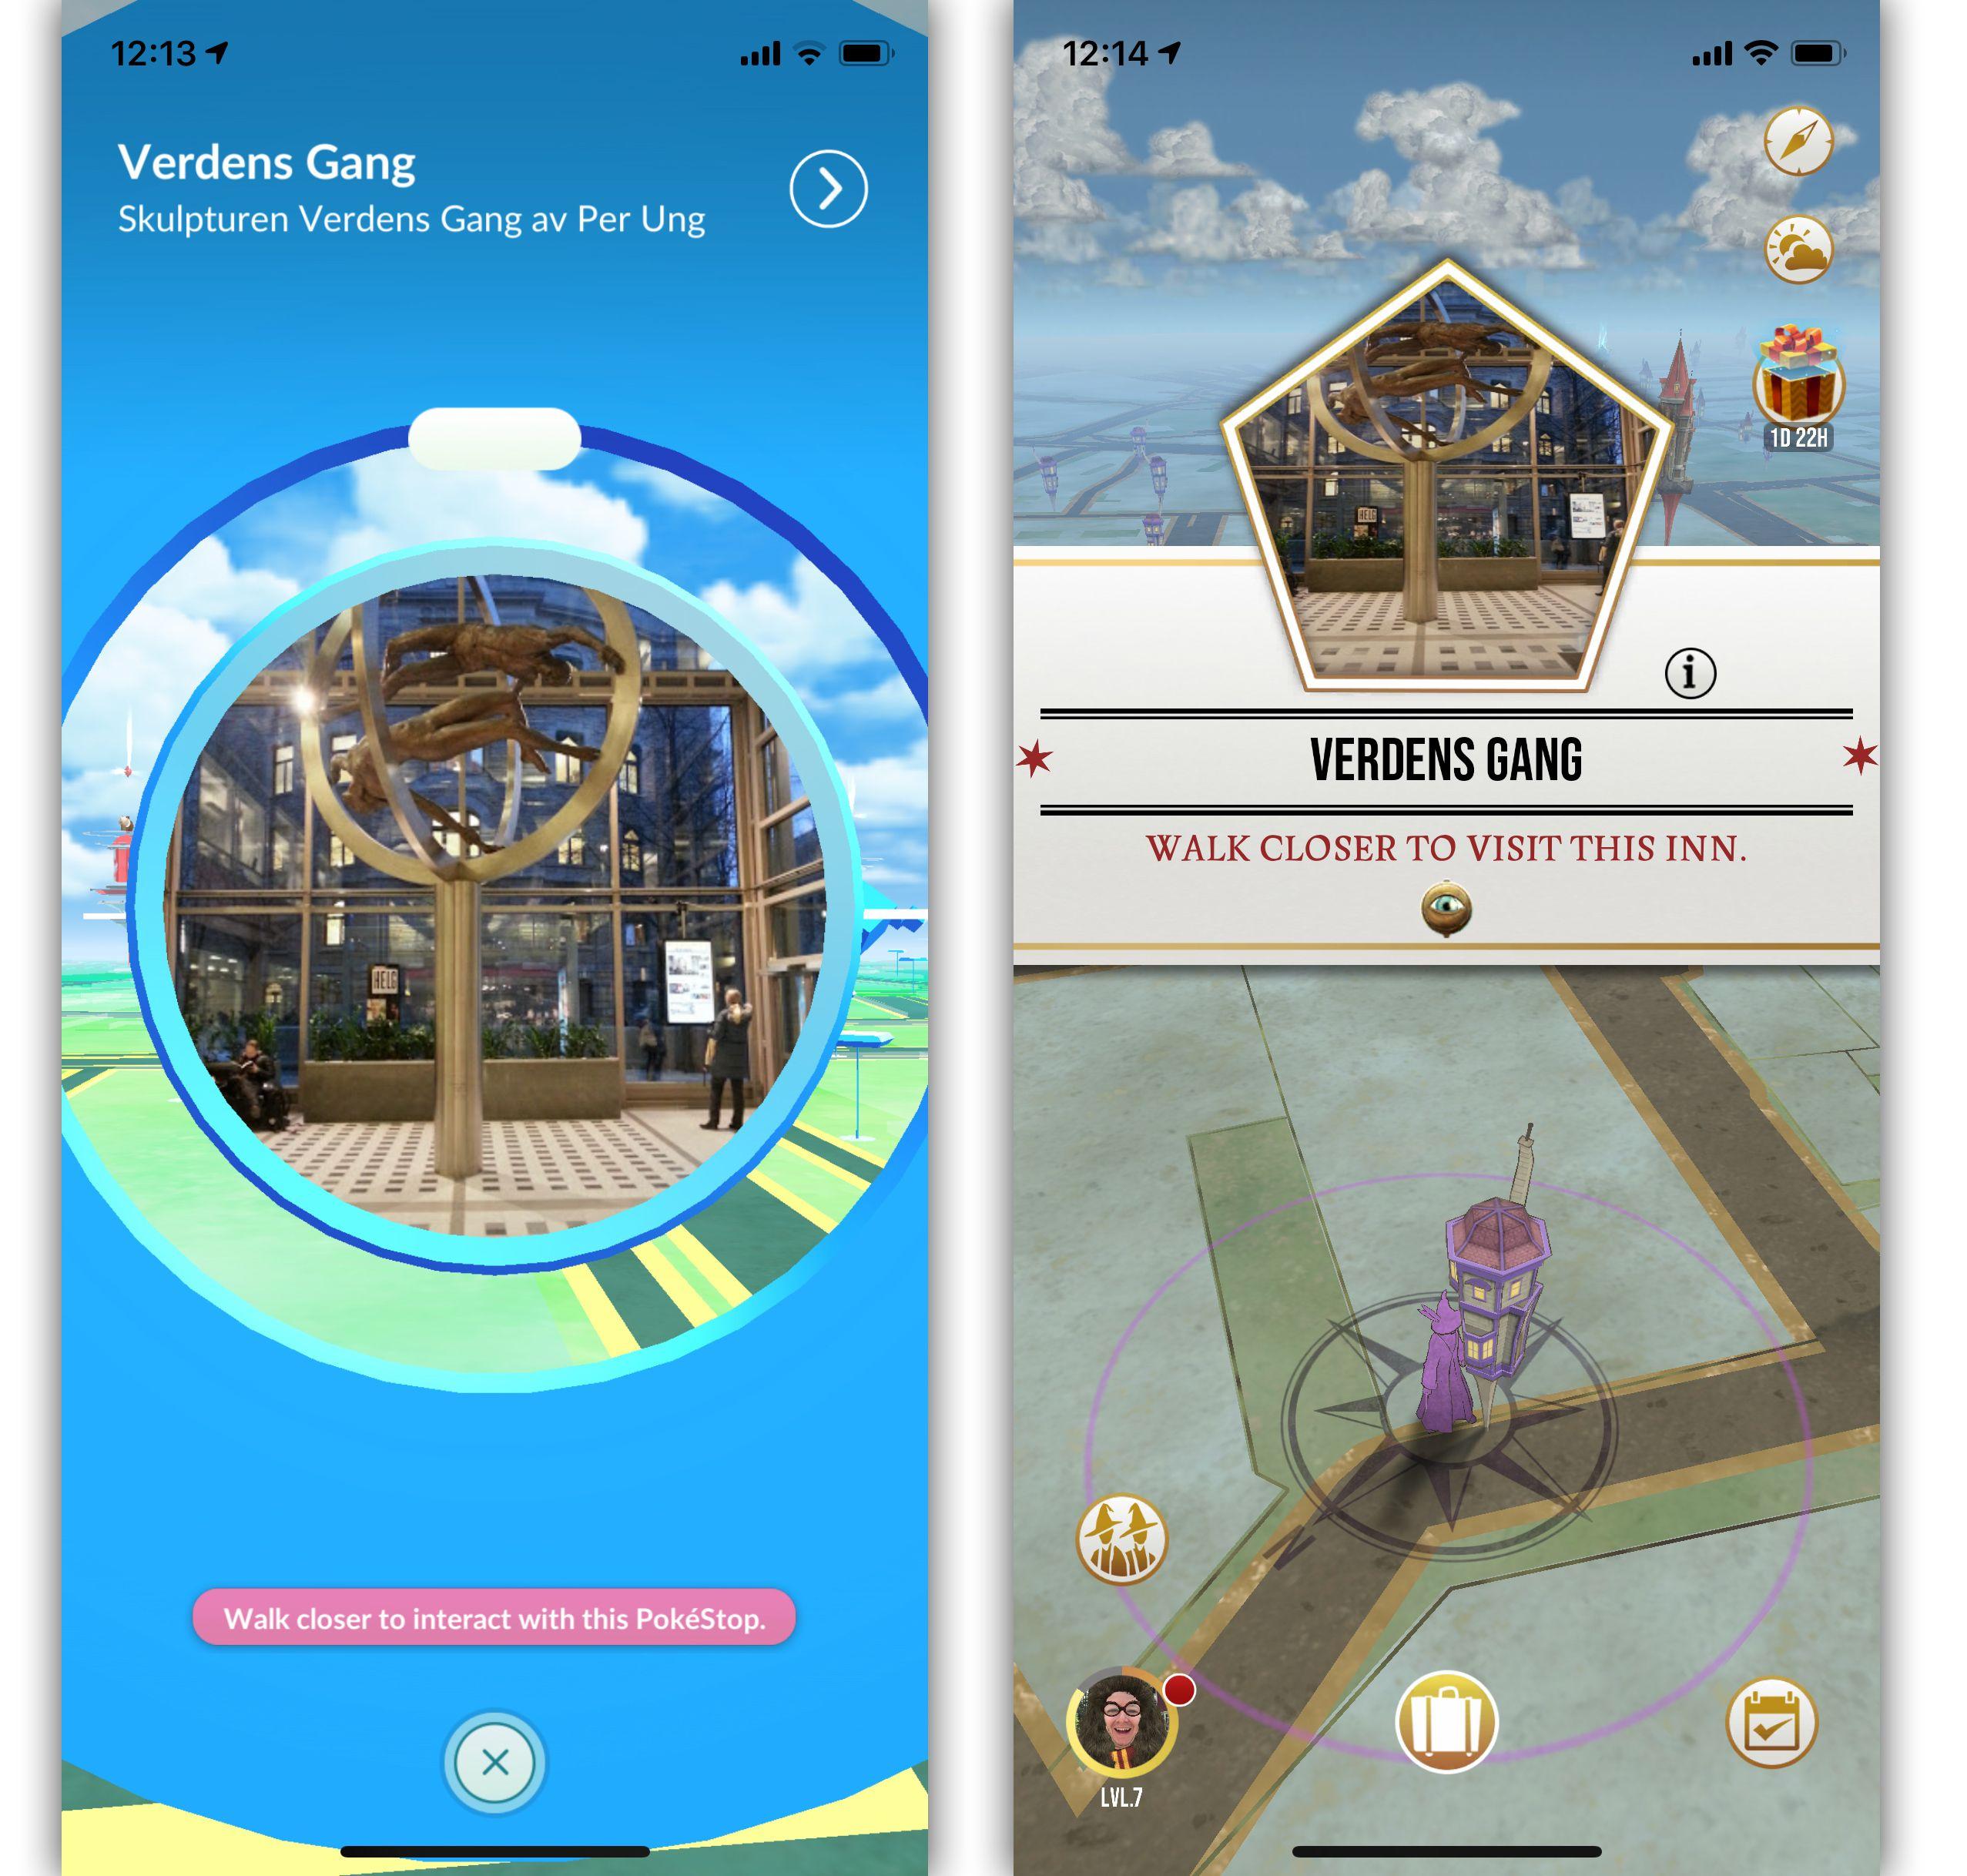 Mange Pokestopp fra Pokemon Go blir gjenbrukt som stoppesteder i Harry Potter Wizards Unite.